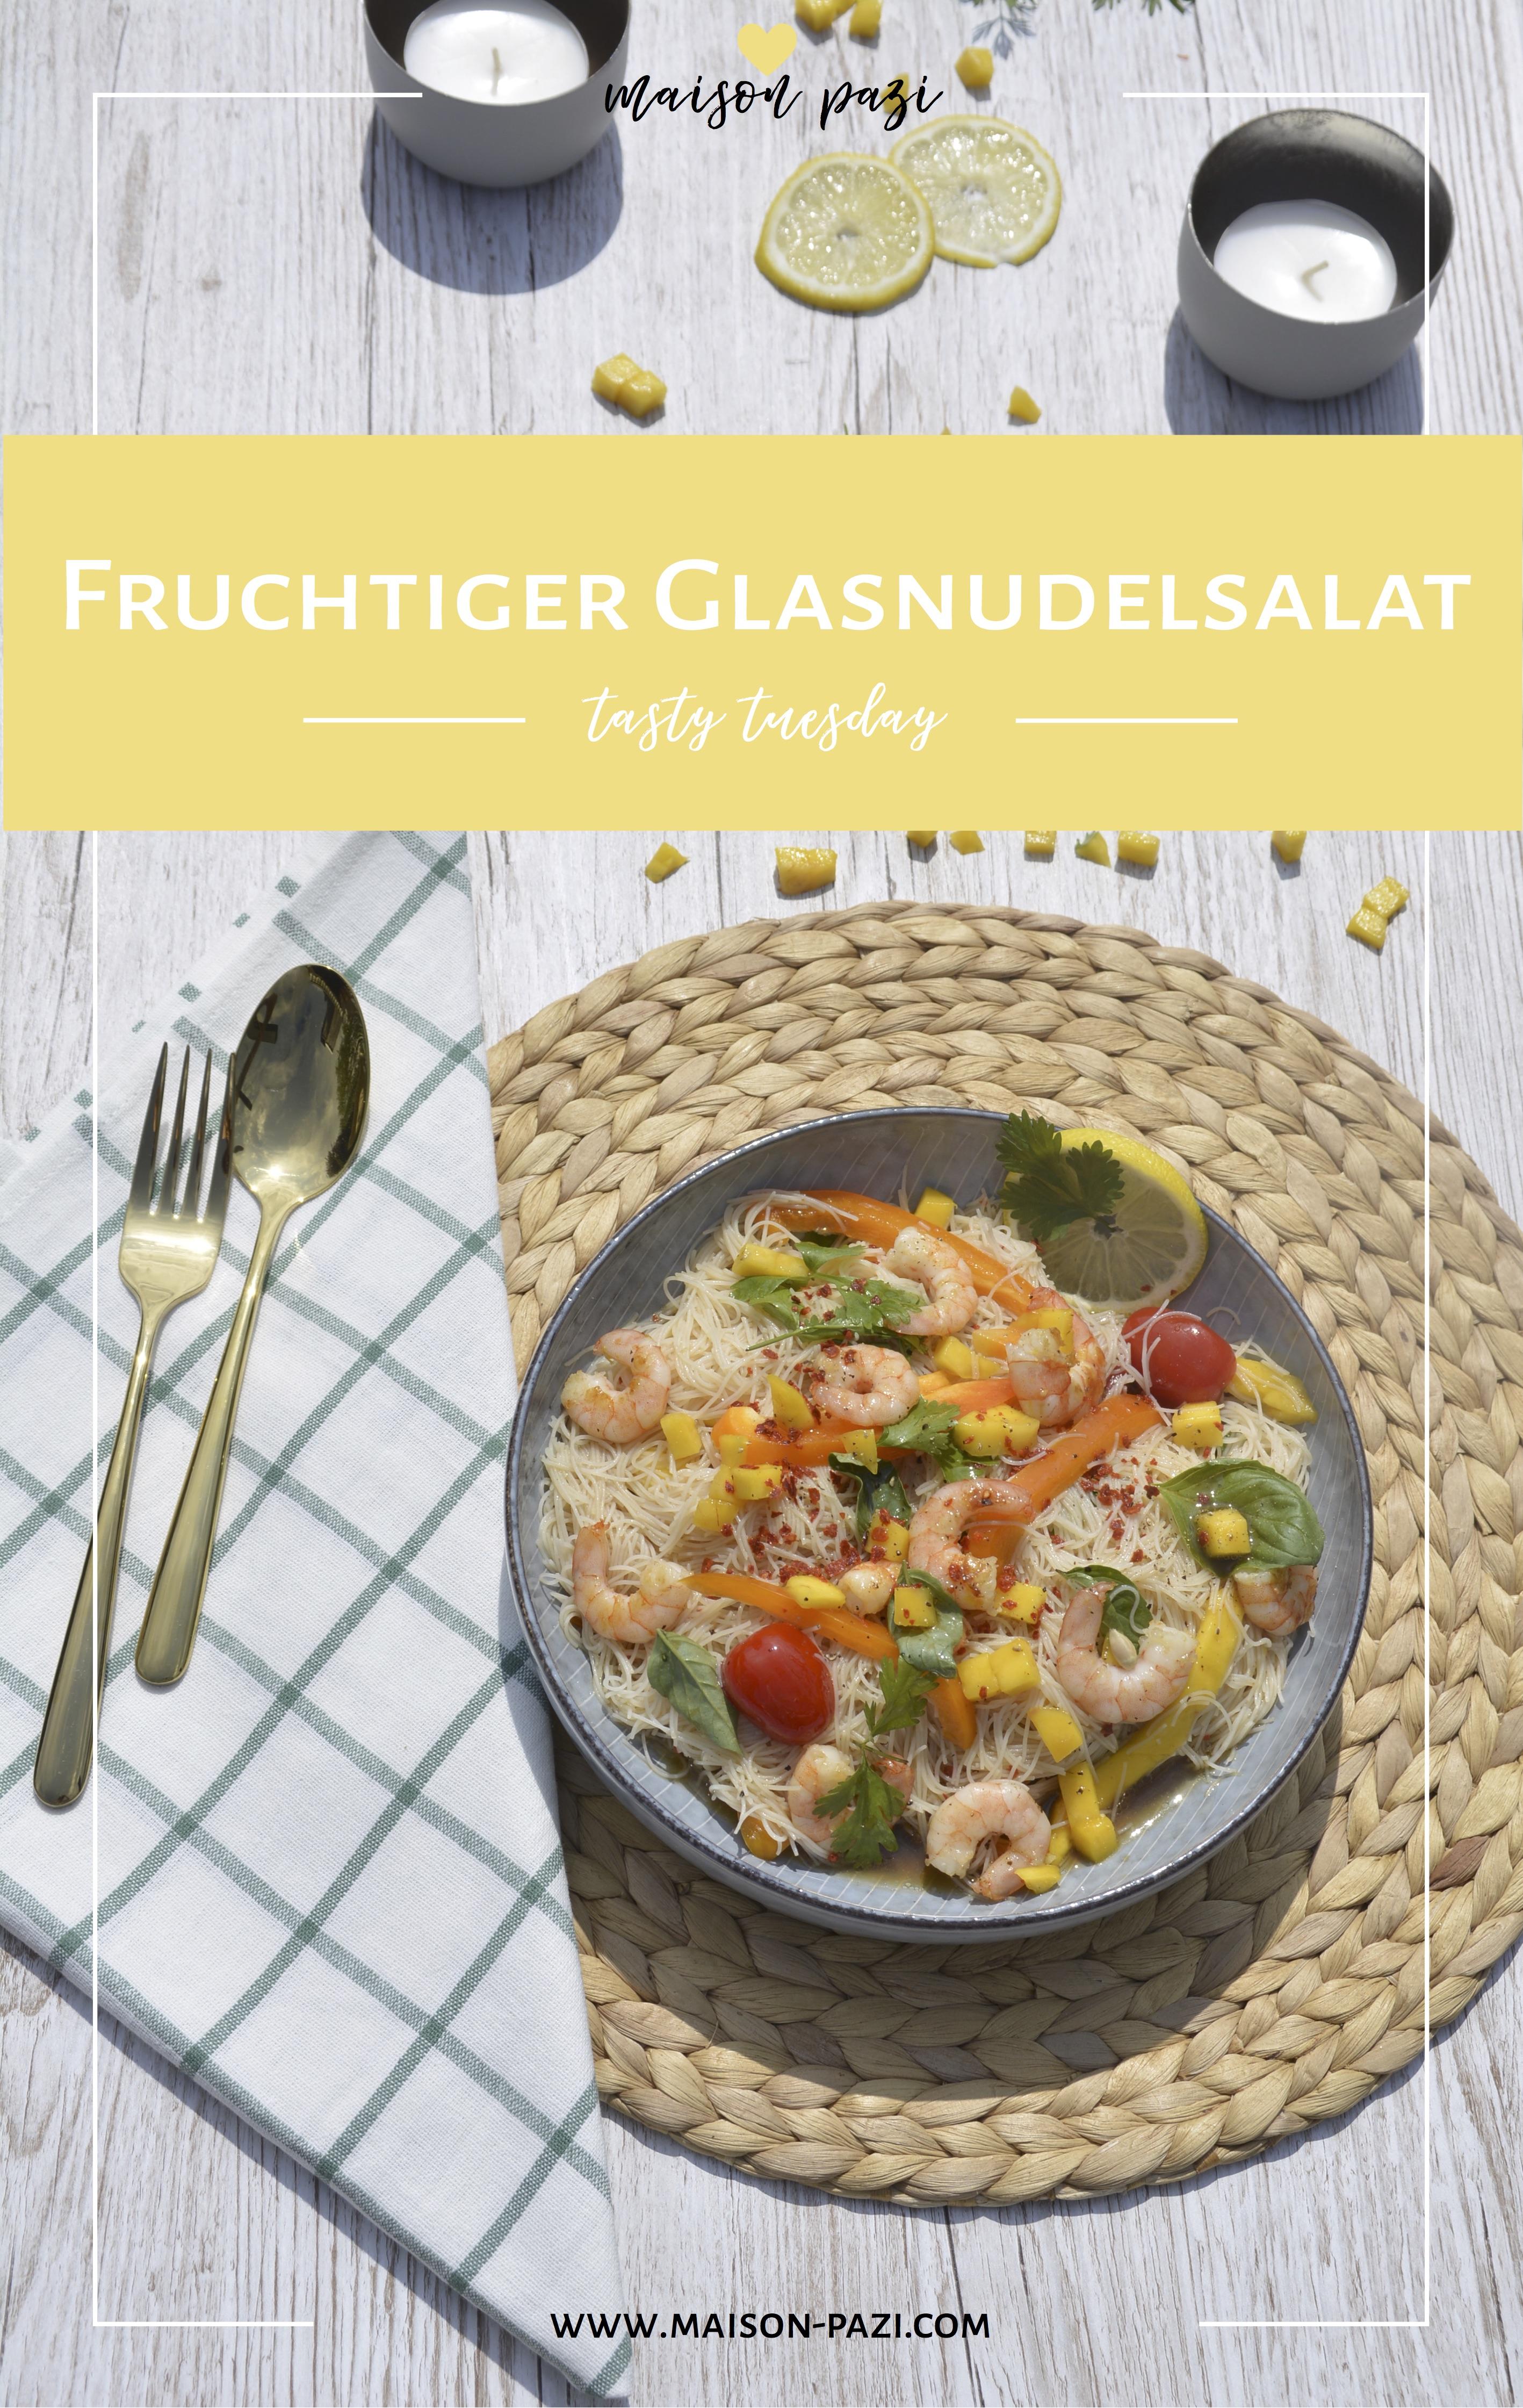 Tasty Tuesday auf Maison: fruchtiger Glasnudelsalat mit Mango und Scampis